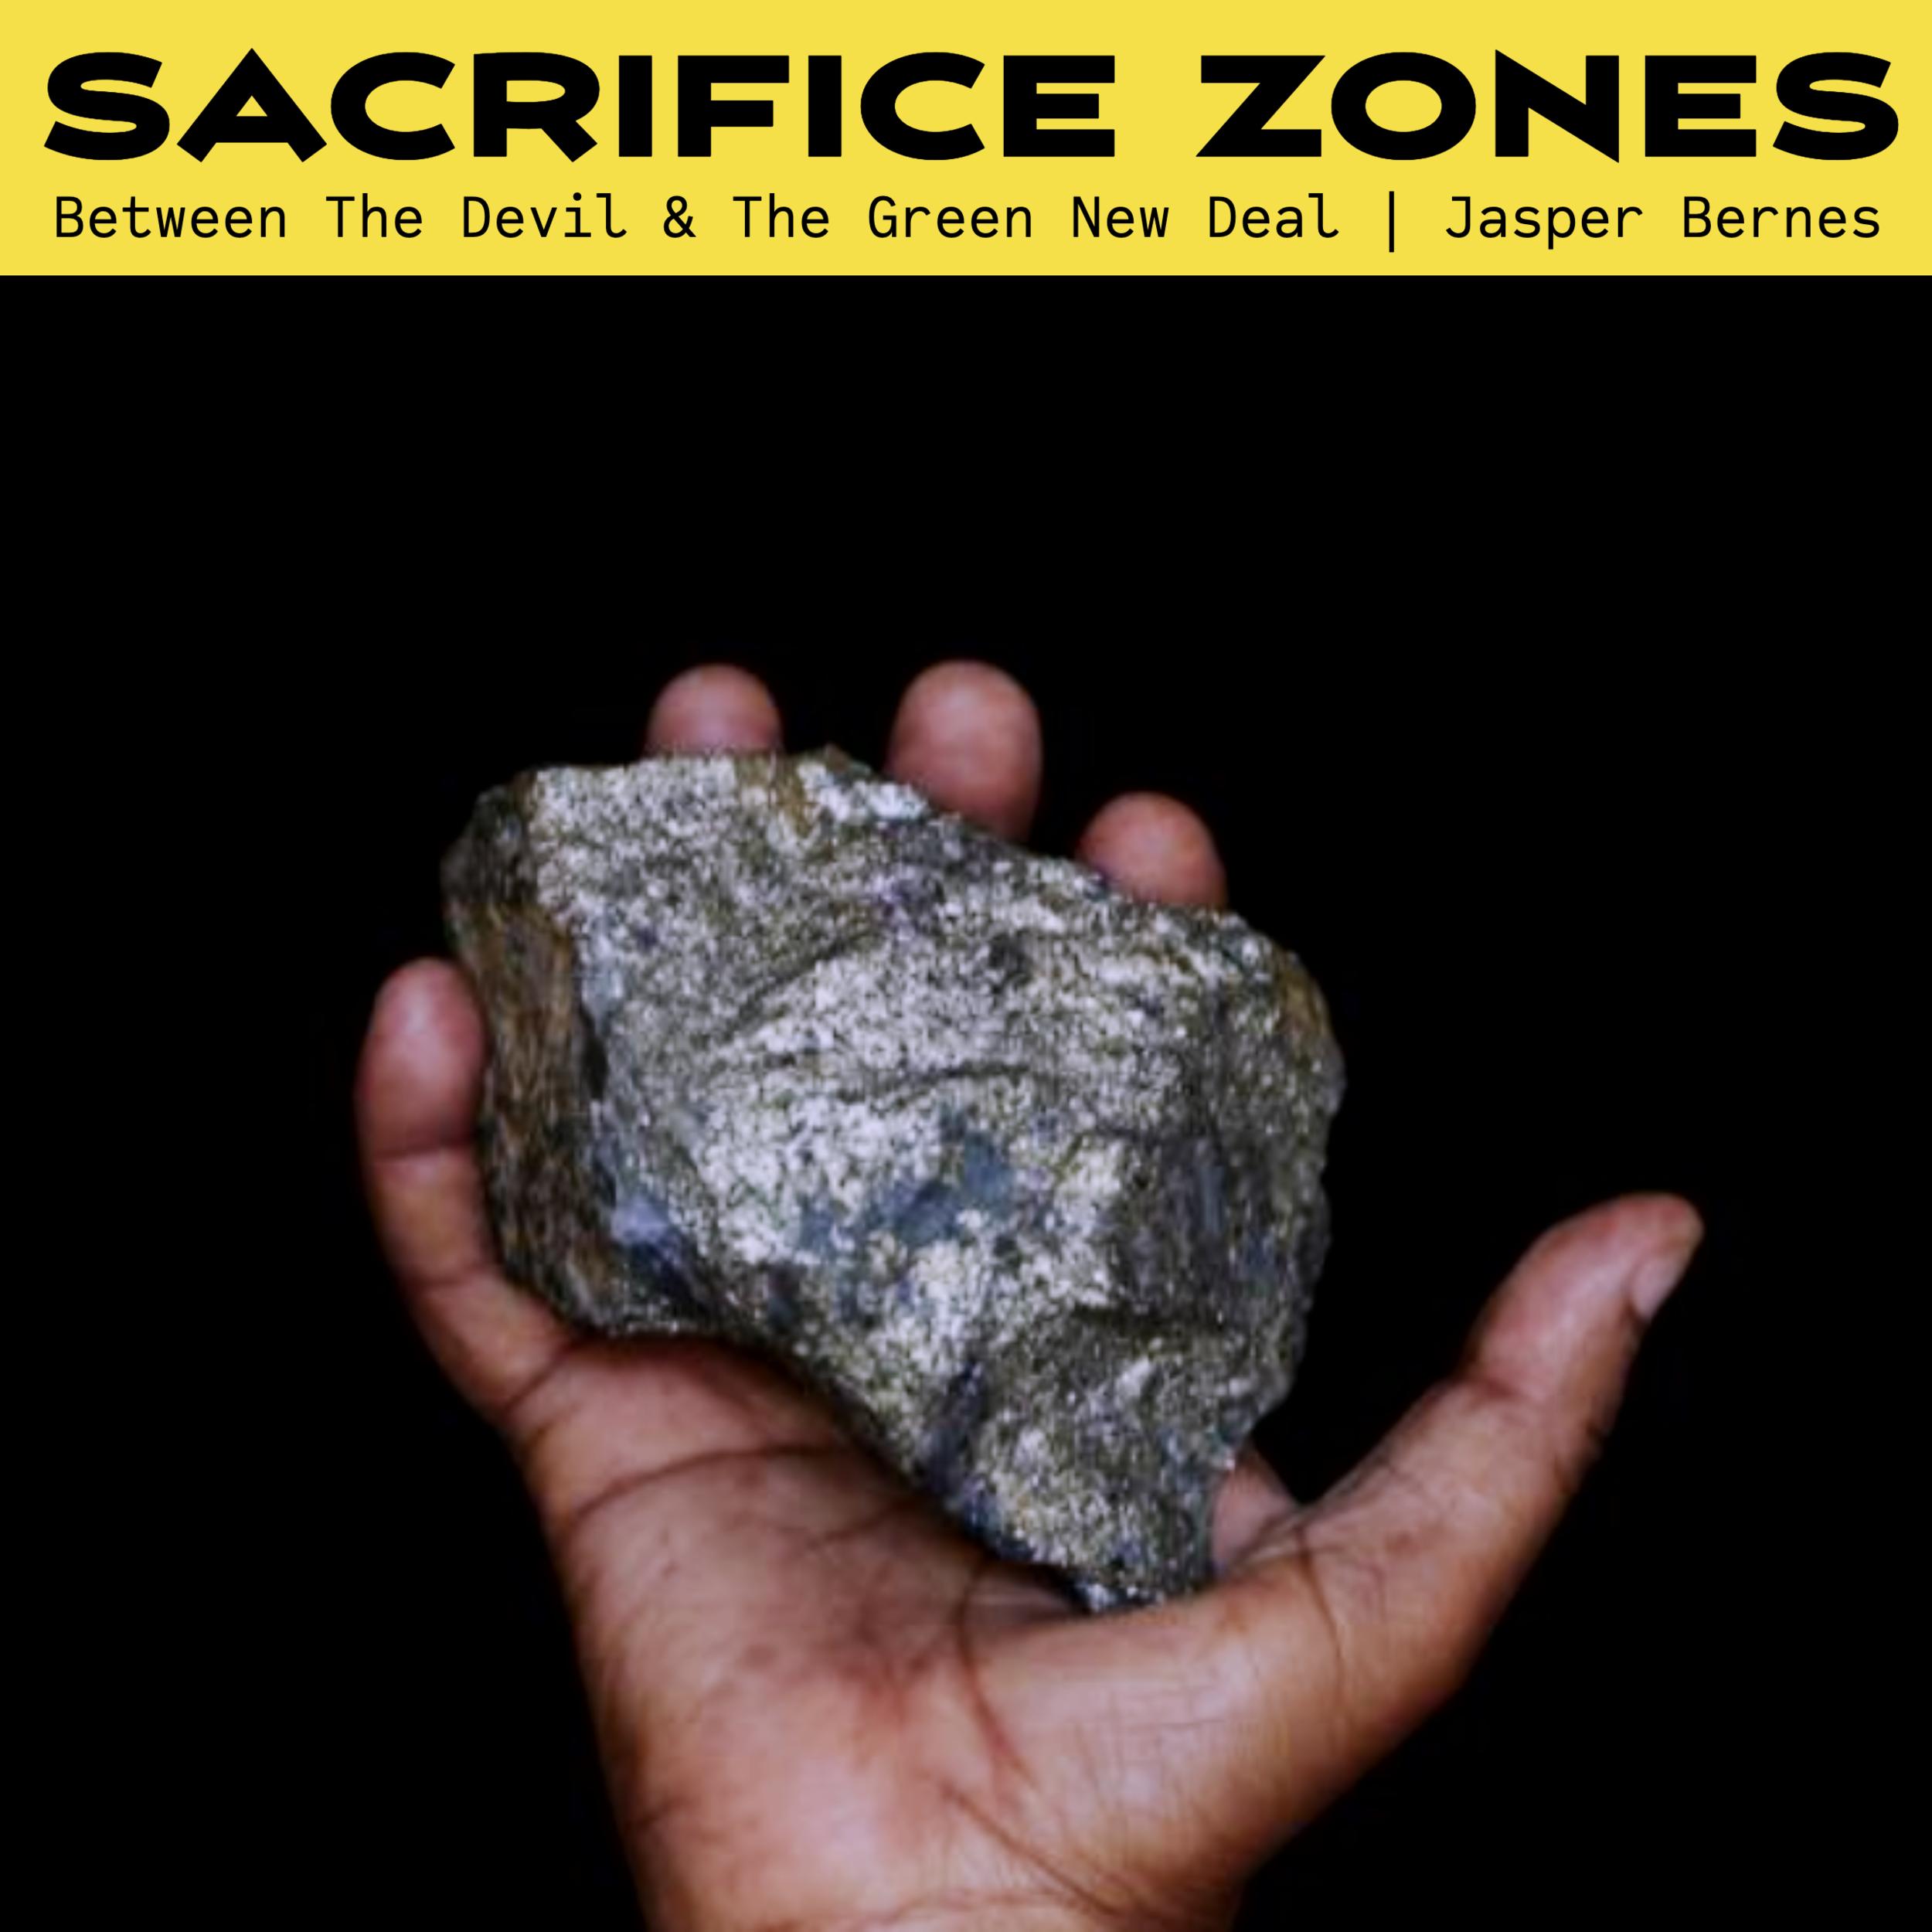 #198 | Sacrifice Zones: Between The Devil & The Green New Deal w/ Jasper Bernes